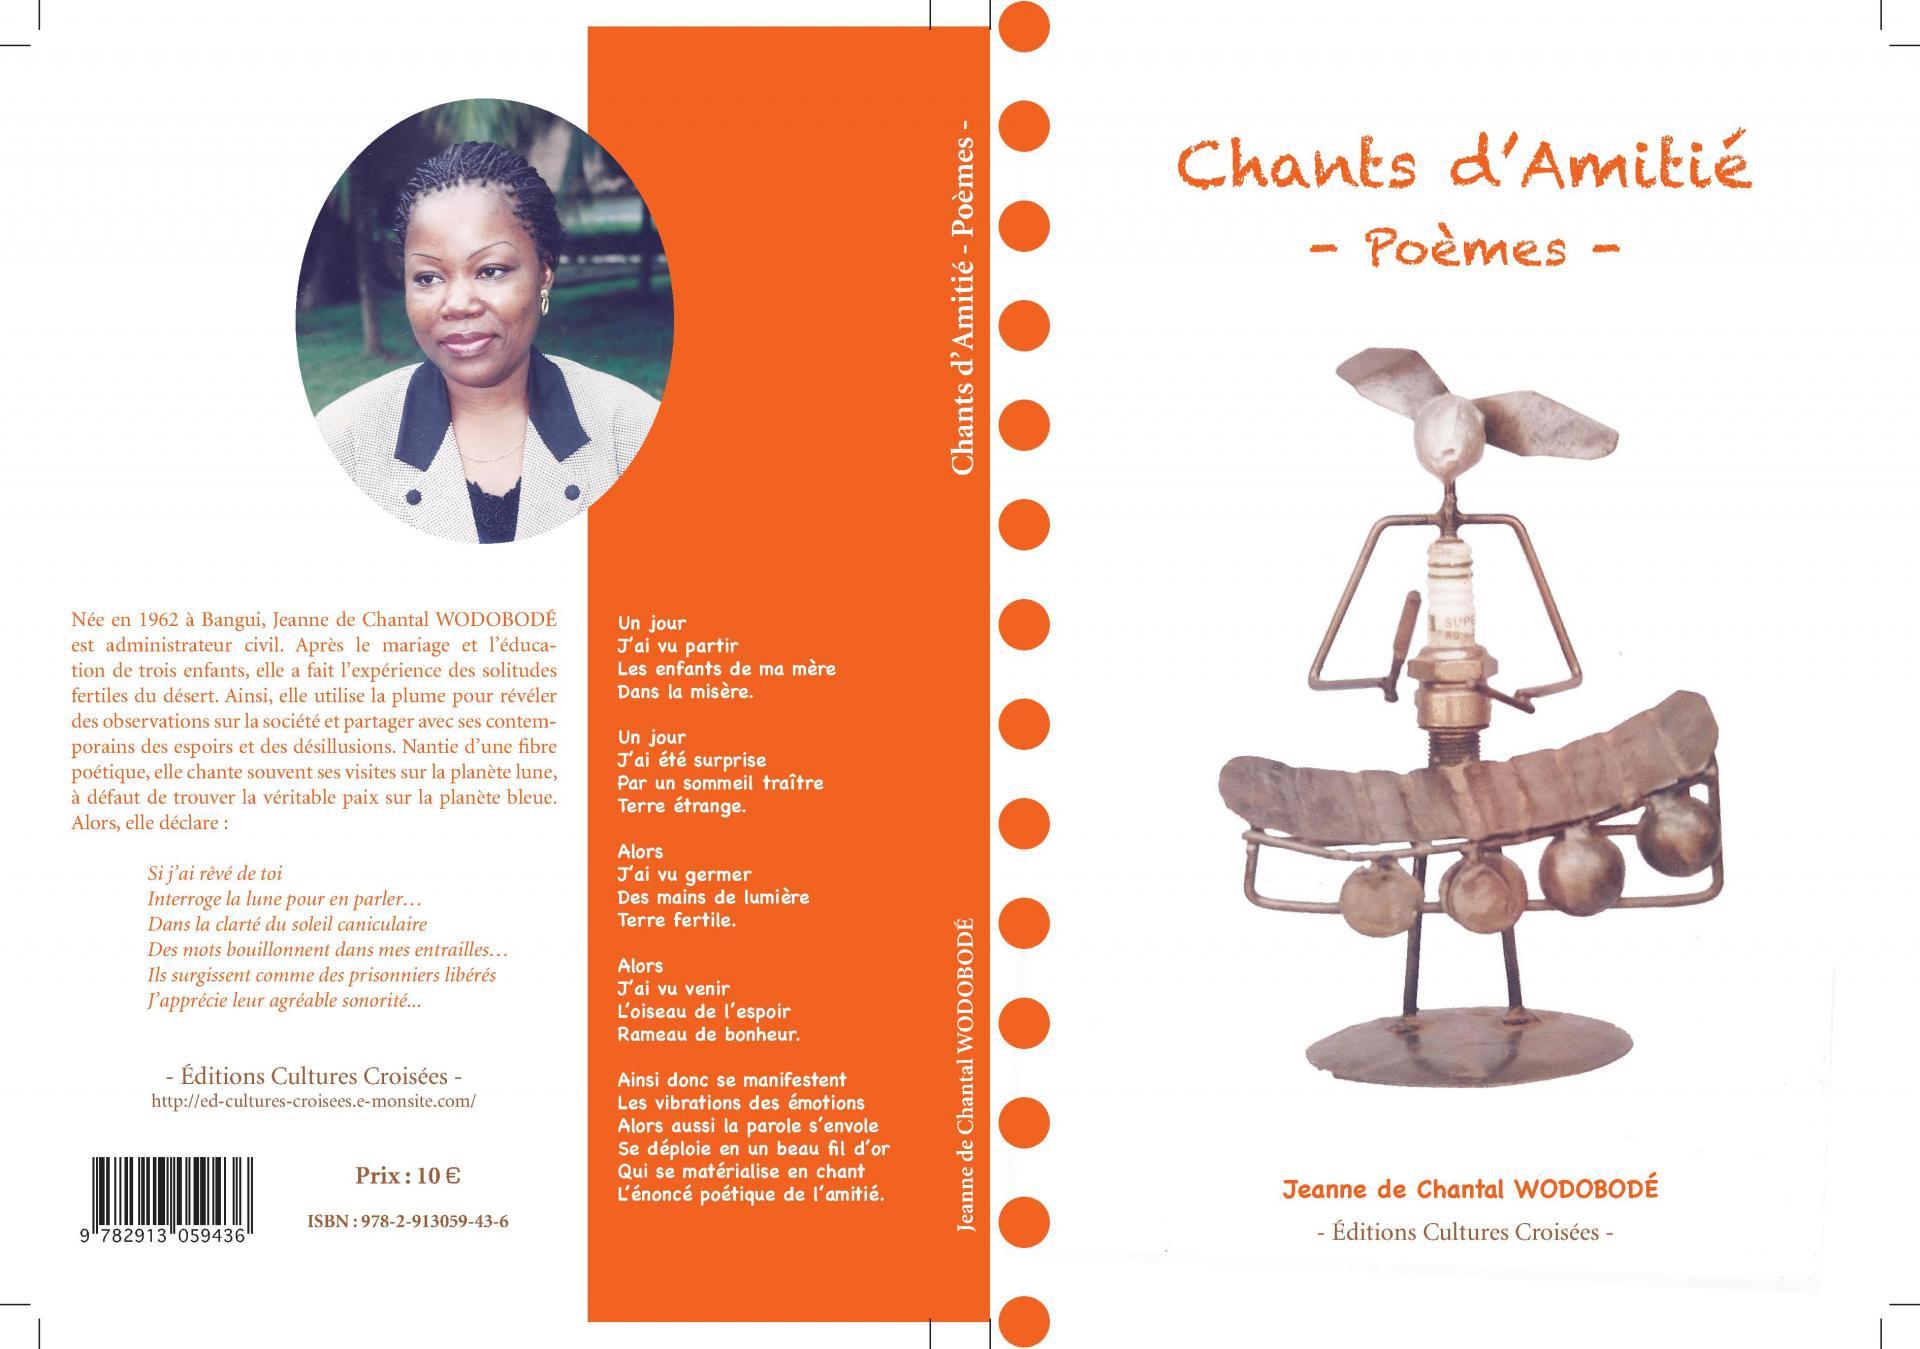 Chants d'Amitié - Poème